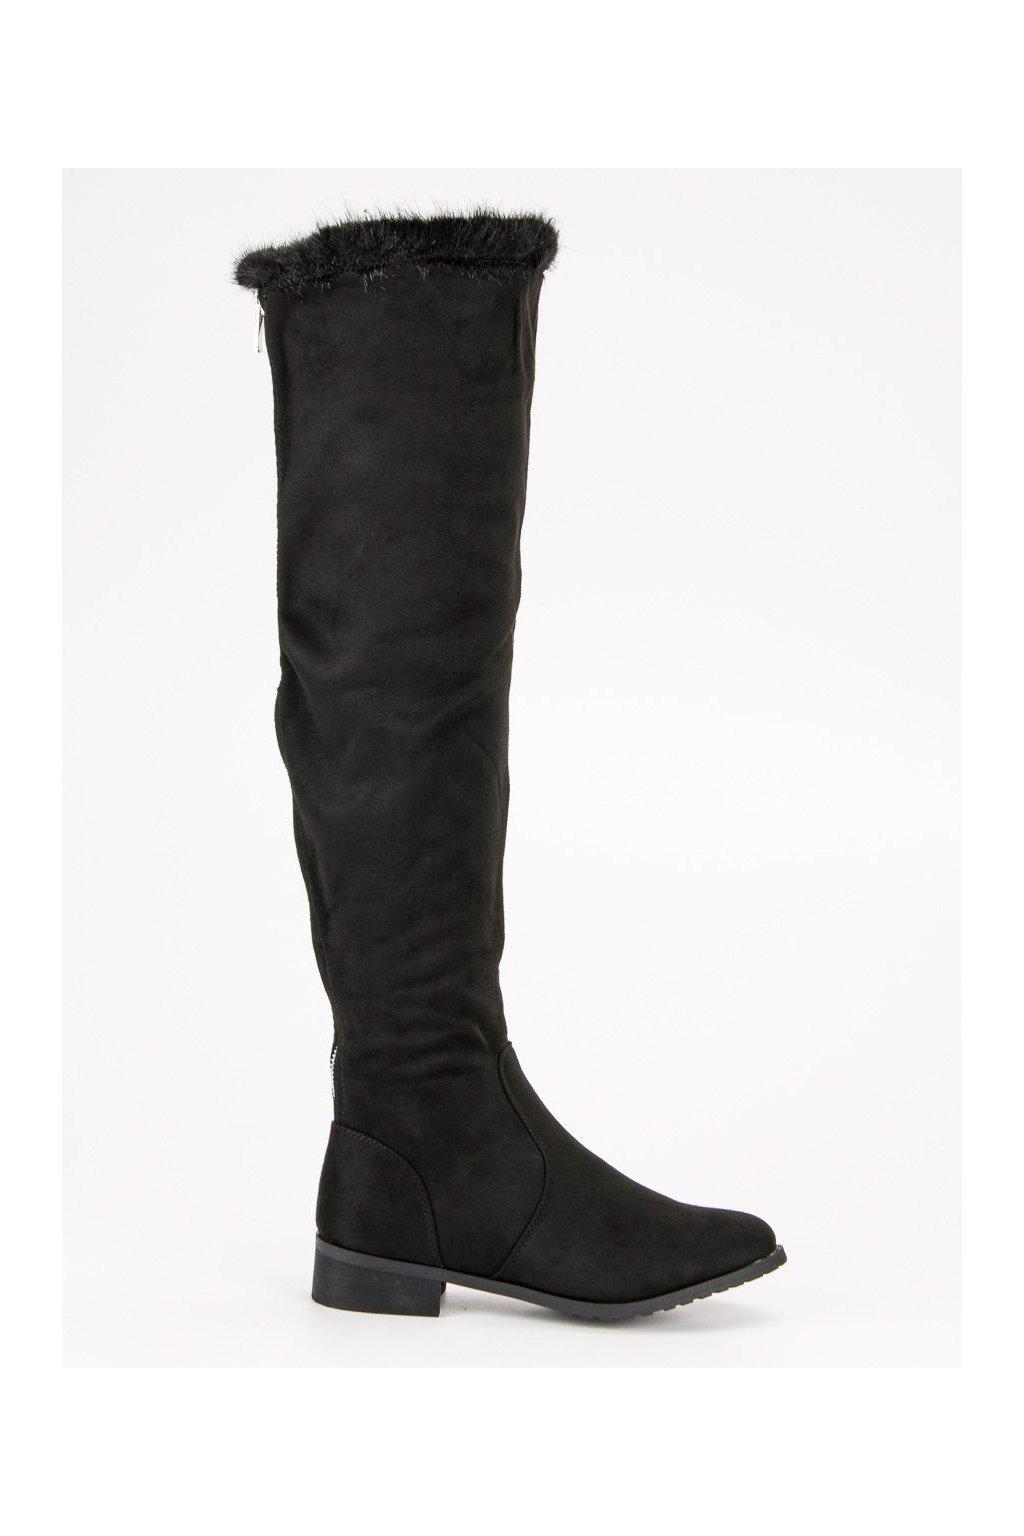 Čierne čižmy s kožušinou CM Paris 668-6B 718123ff5ac